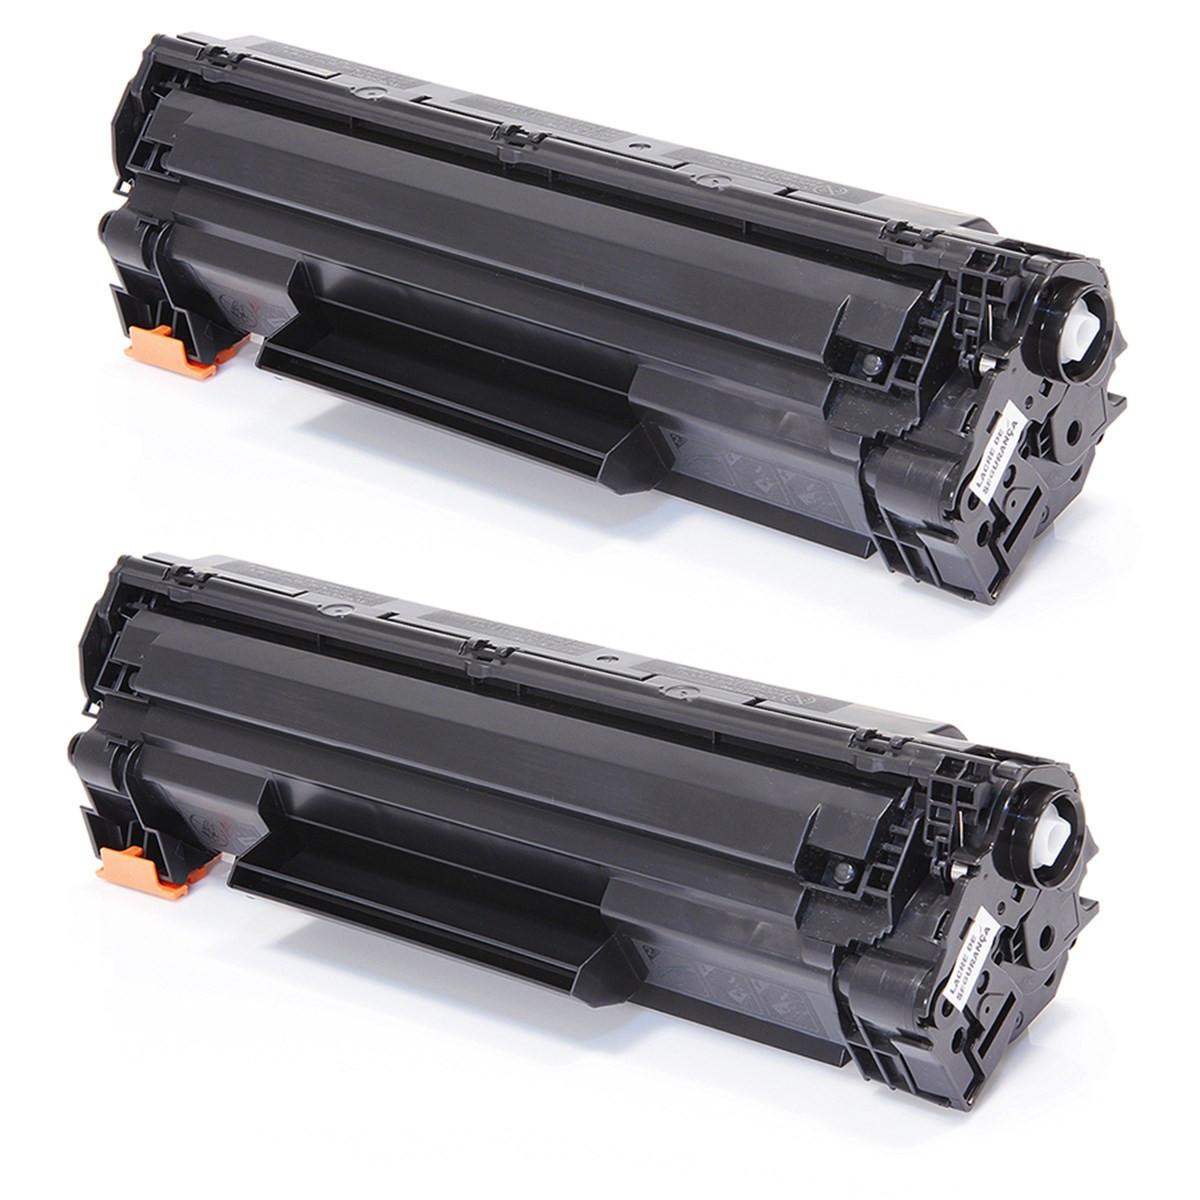 Kit com 2 Toner Compatível com HP CE285A 85A 285A CE285AB | P1102 M1132 M1210 M1212 M1130 | 1.8k